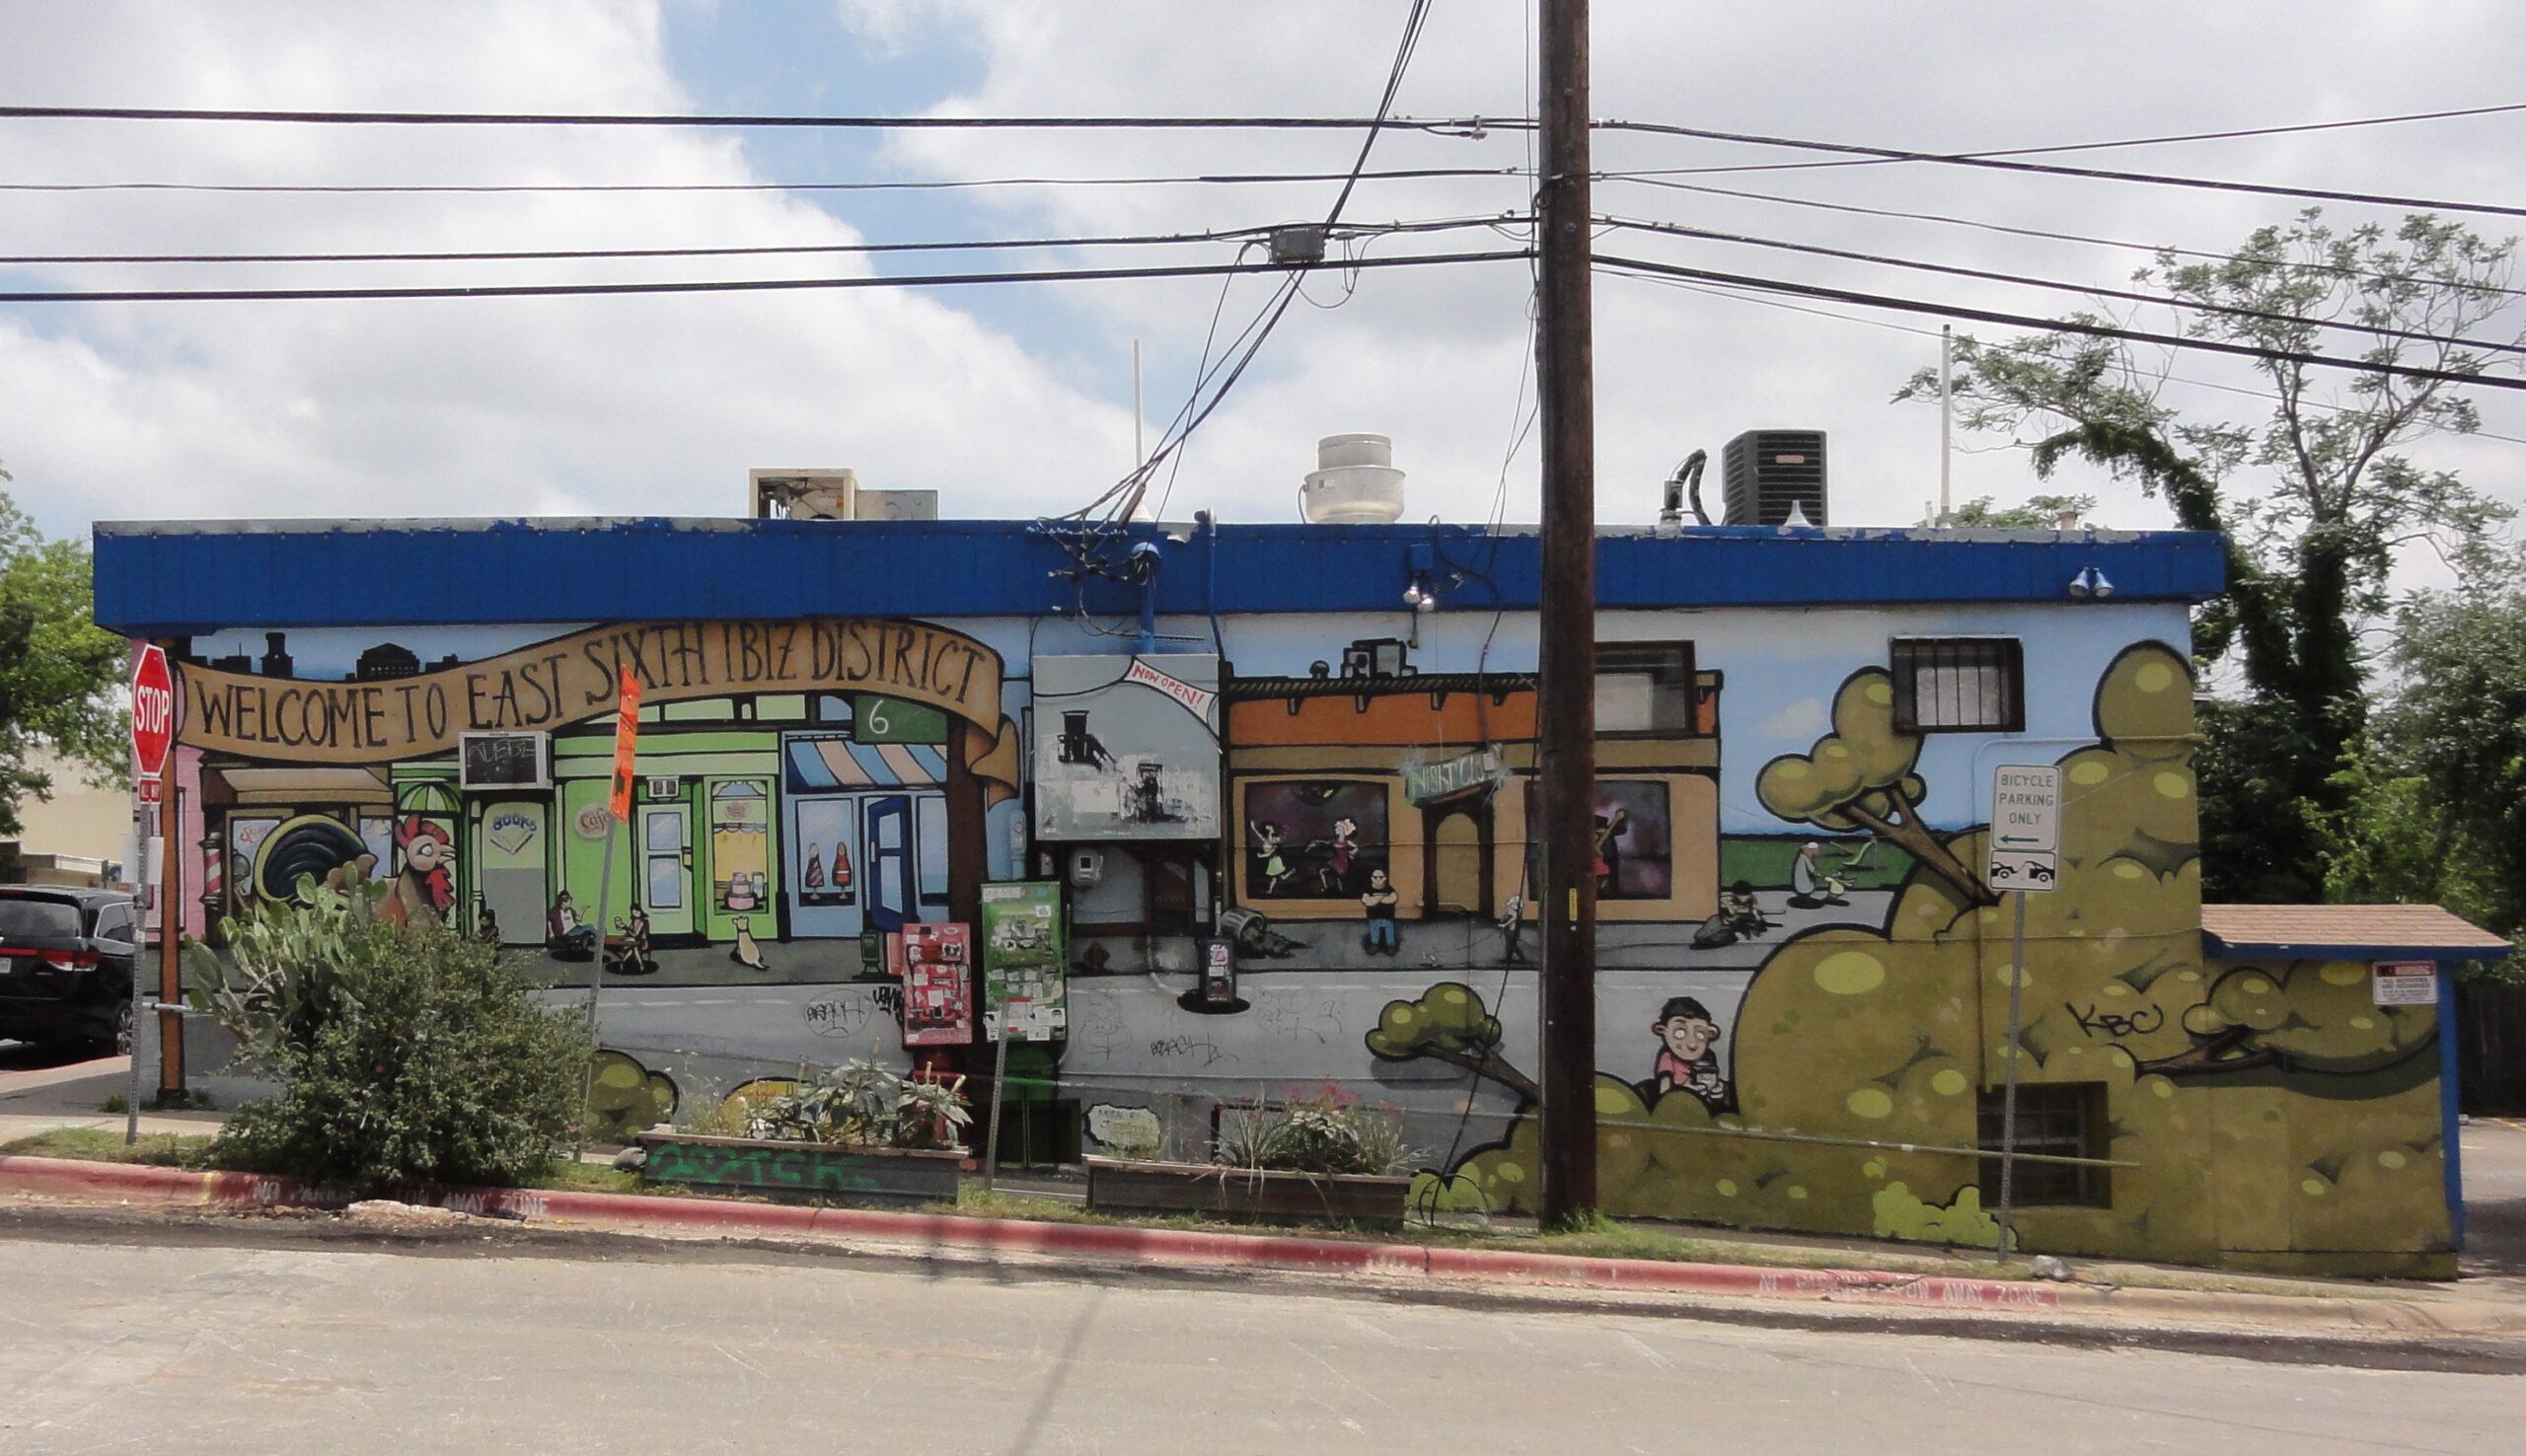 E 6th IBIZ Mural